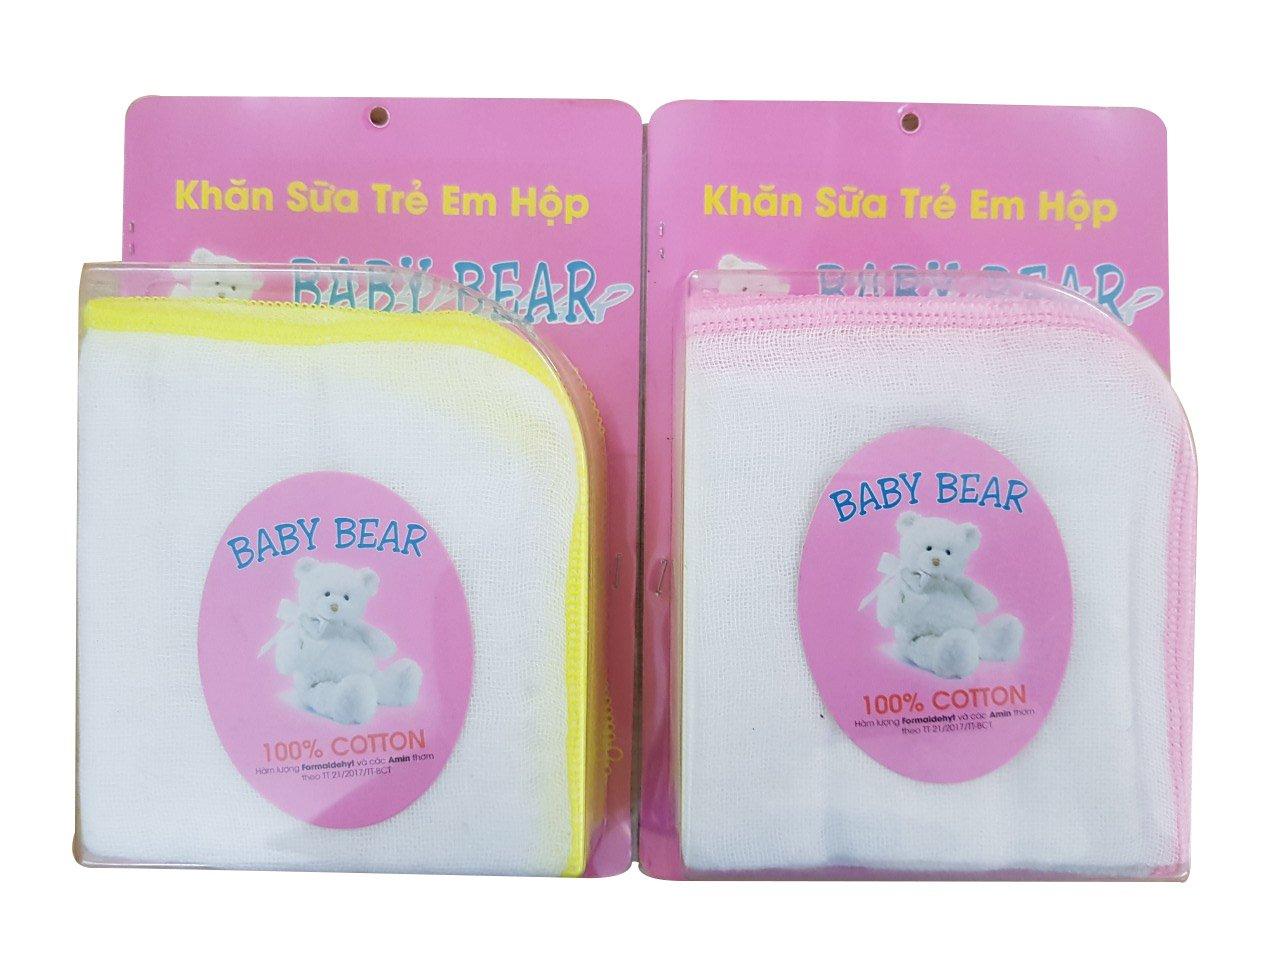 Khăn sữa Baby Bear hộp 3 Lớp 10 cái 25 cm x 25 cm